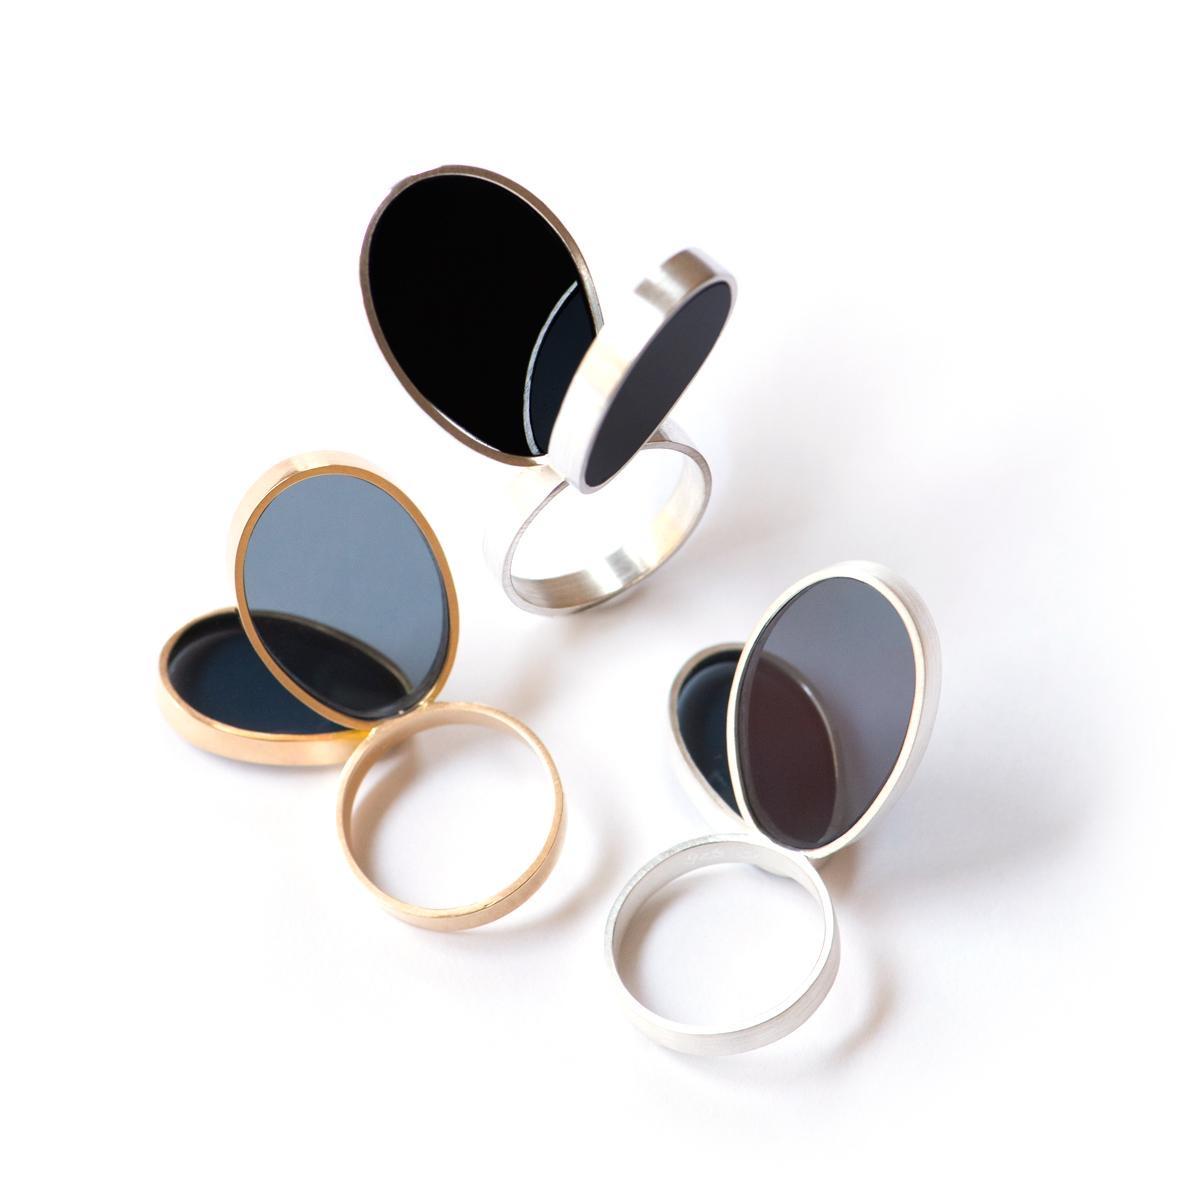 Ringe-leaves-Acrylglas-schlegel-katja